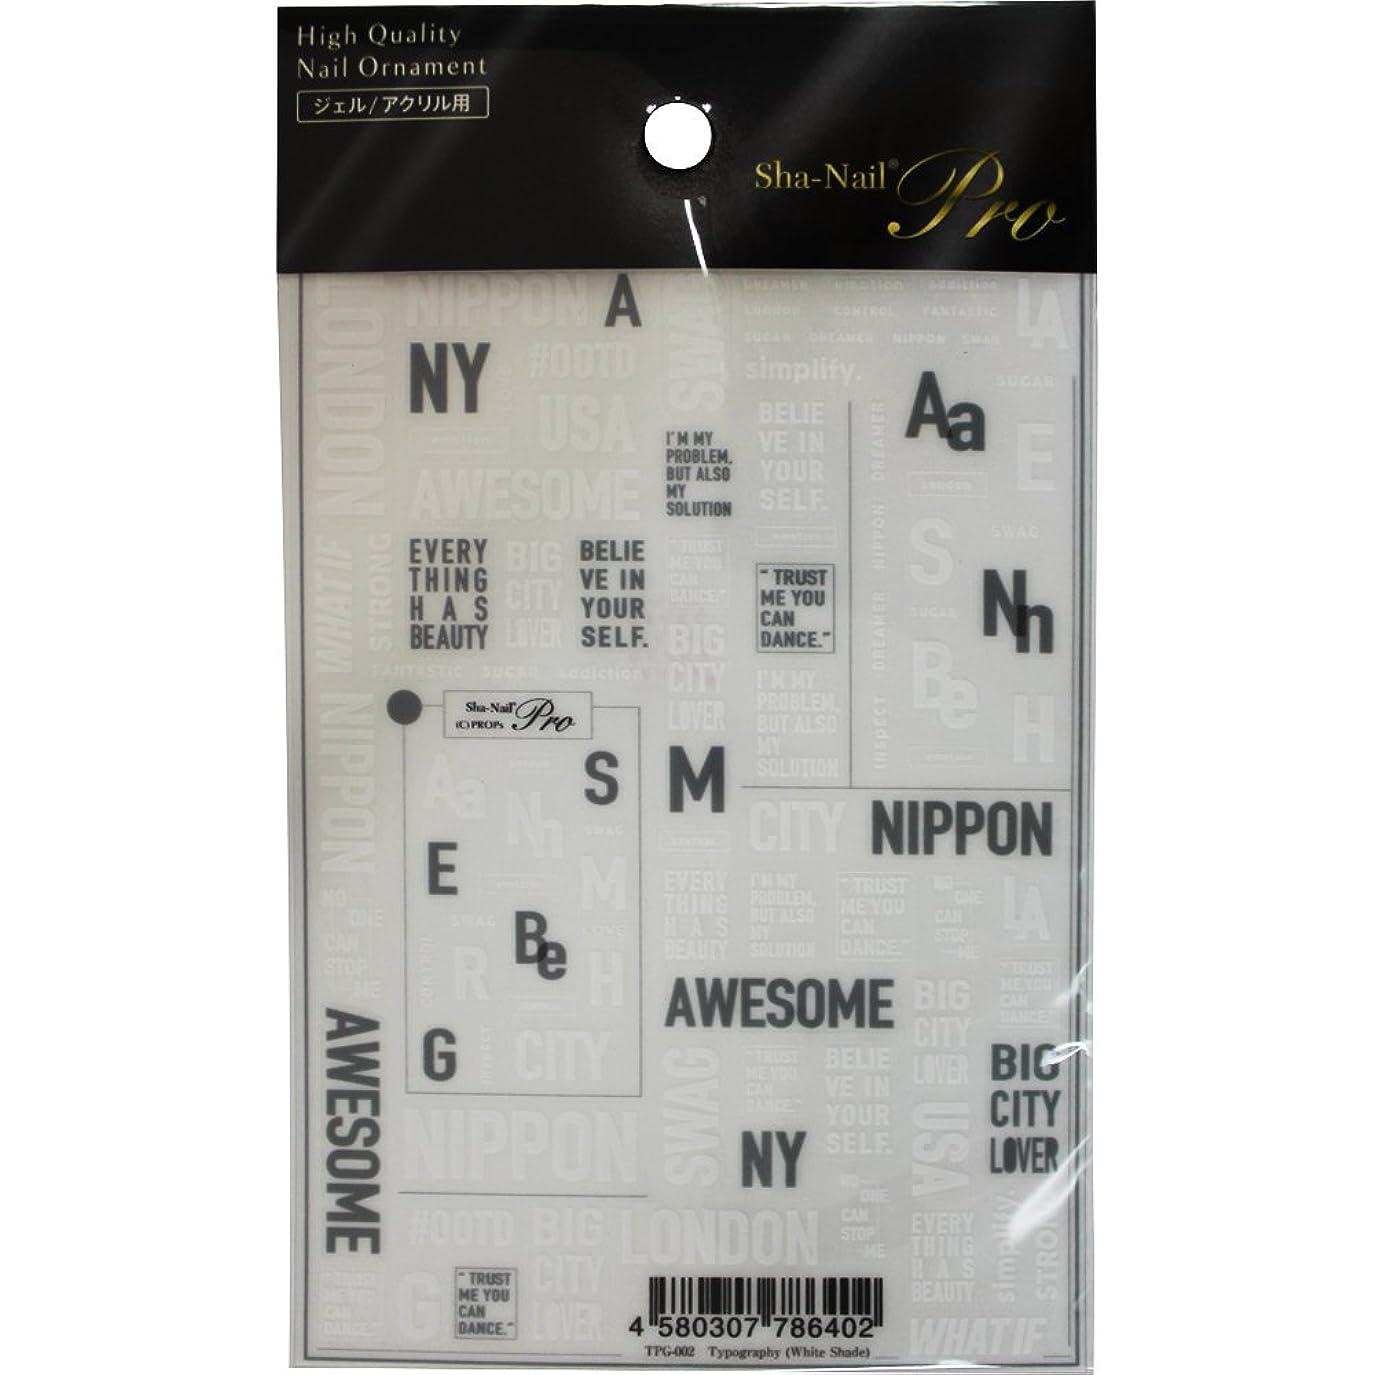 Sha-Nail Pro ネイルシール Typography(WhiteShade) アート材